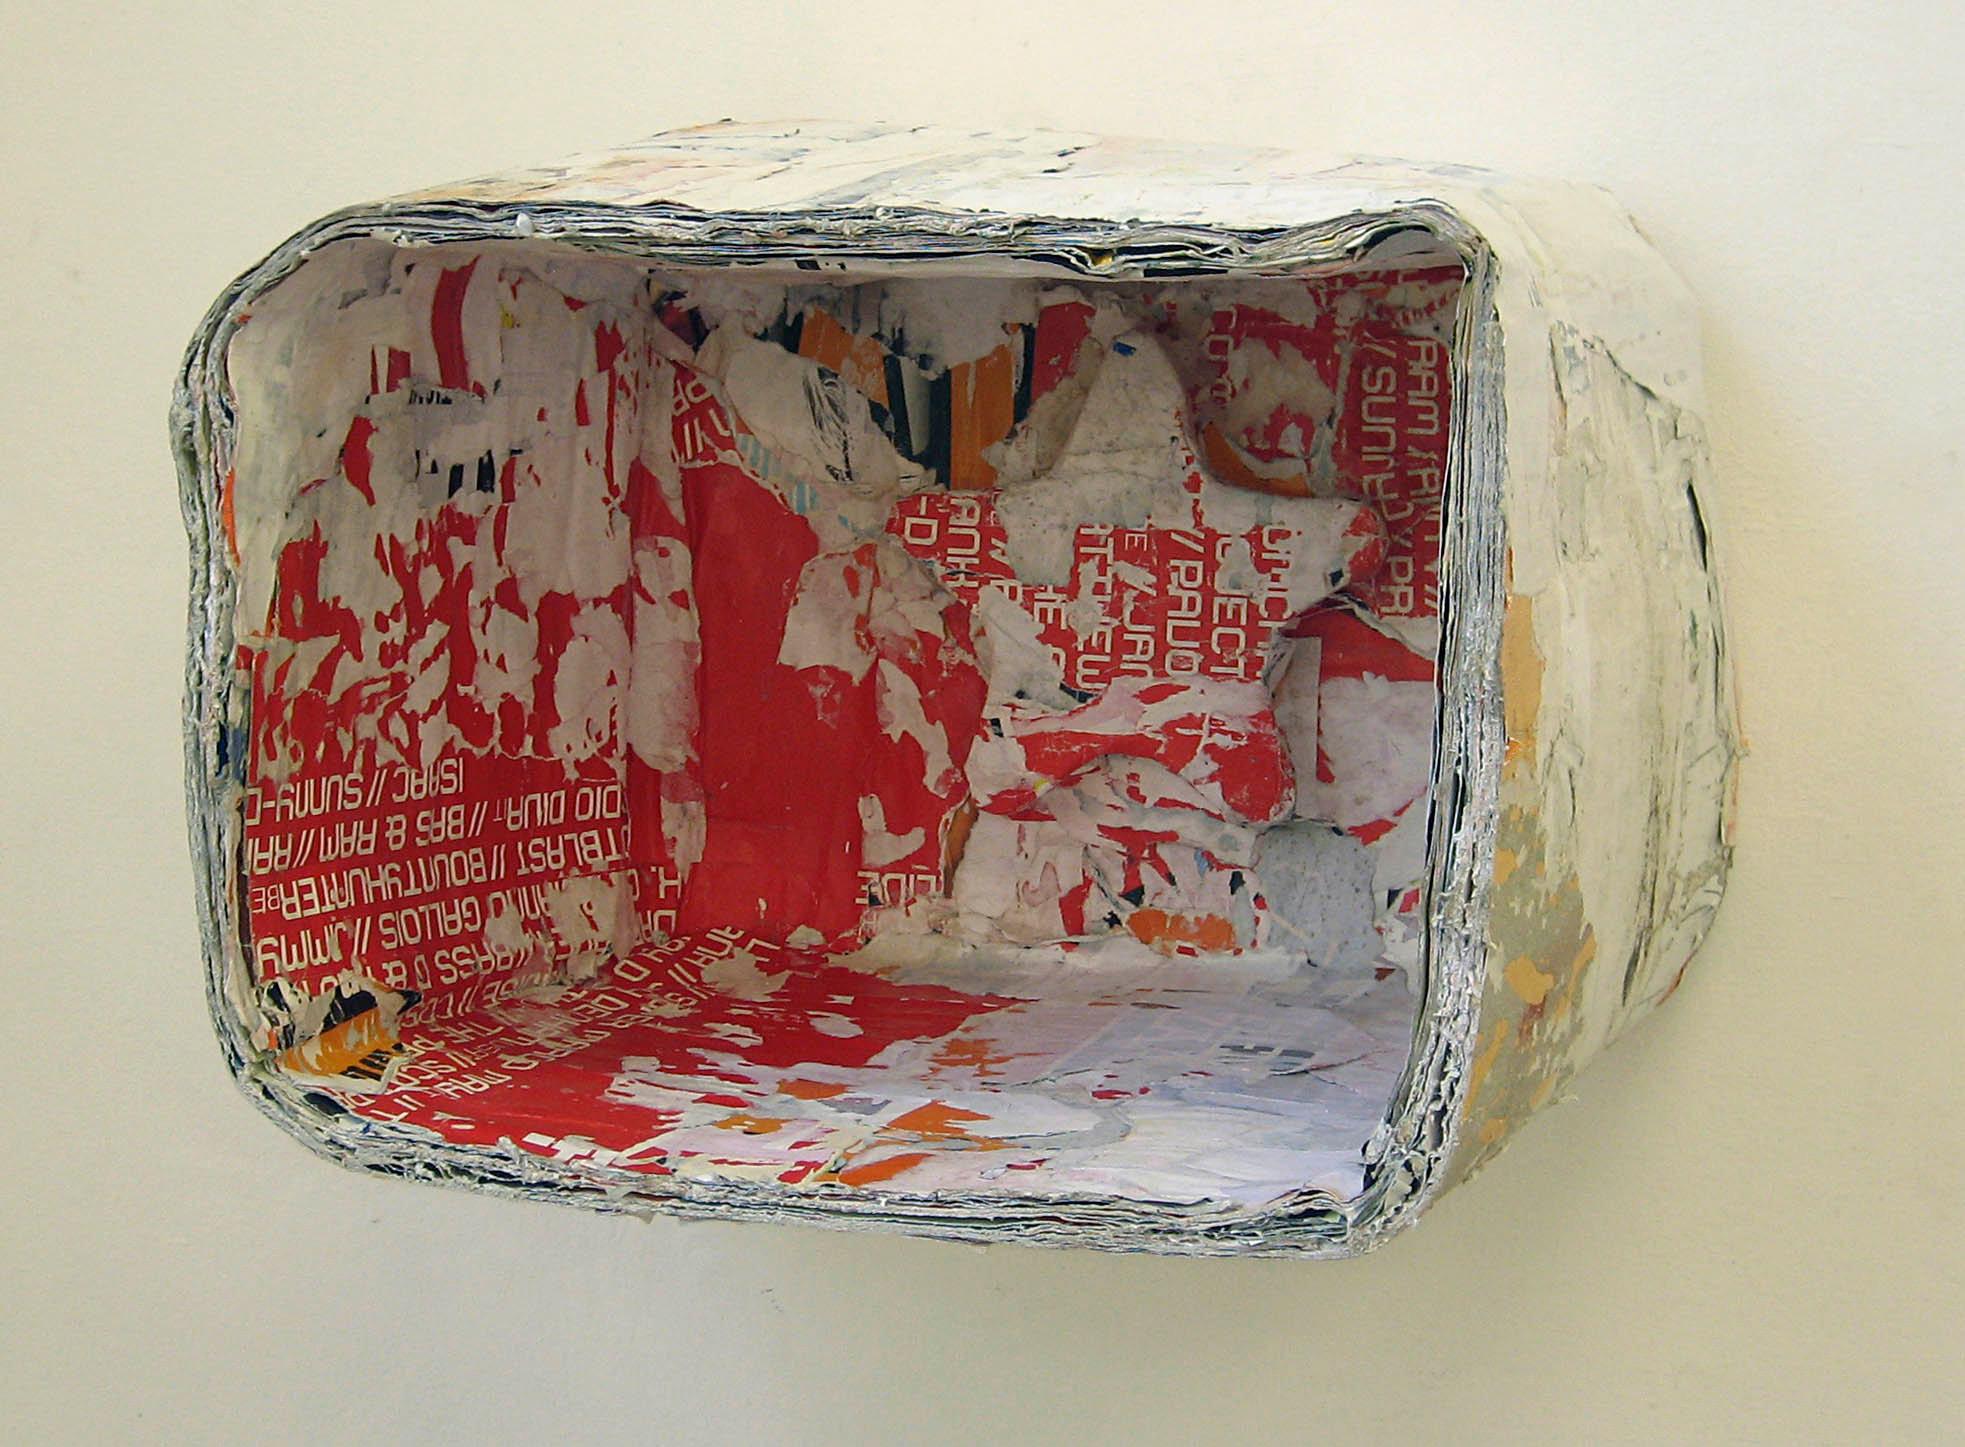 Ellert Haitjema - Footnote 2010